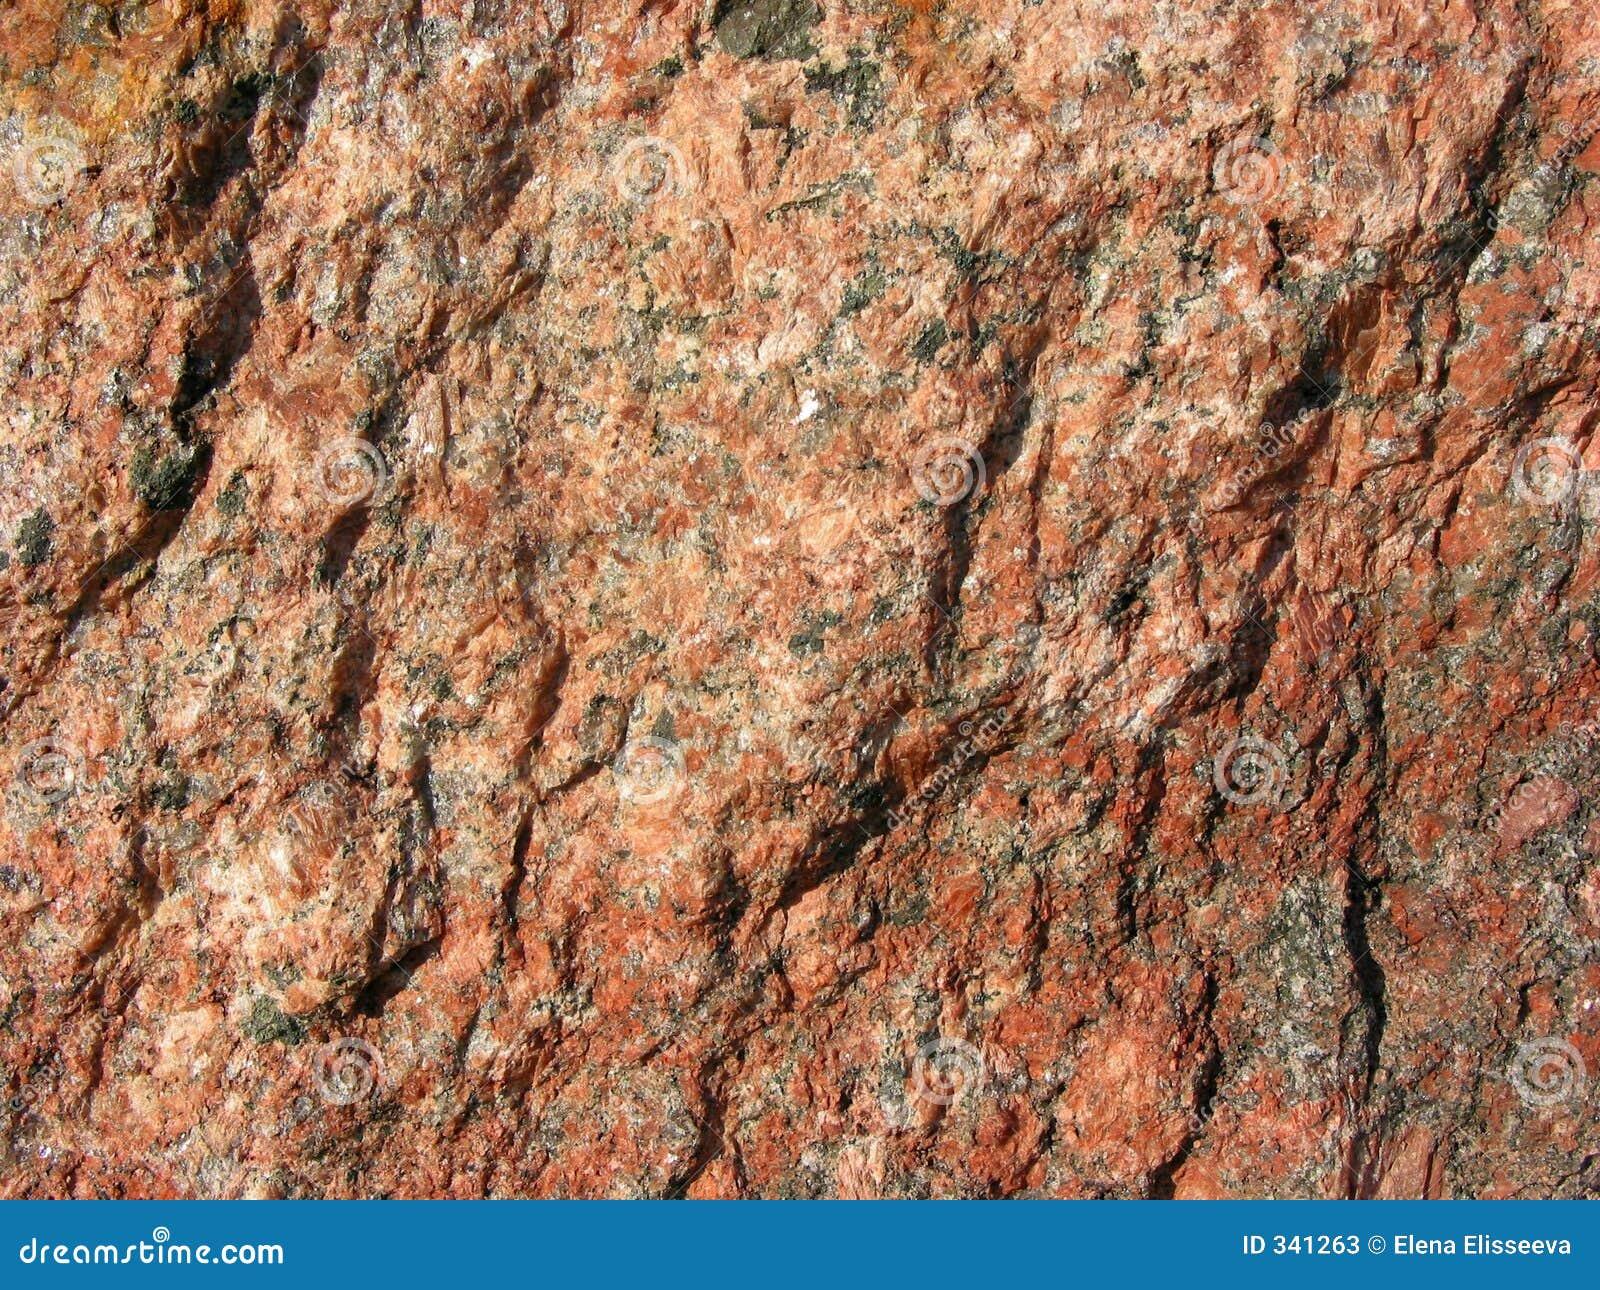 Natural Granite : Natural Granite Texture Stock Photos - Image: 341263